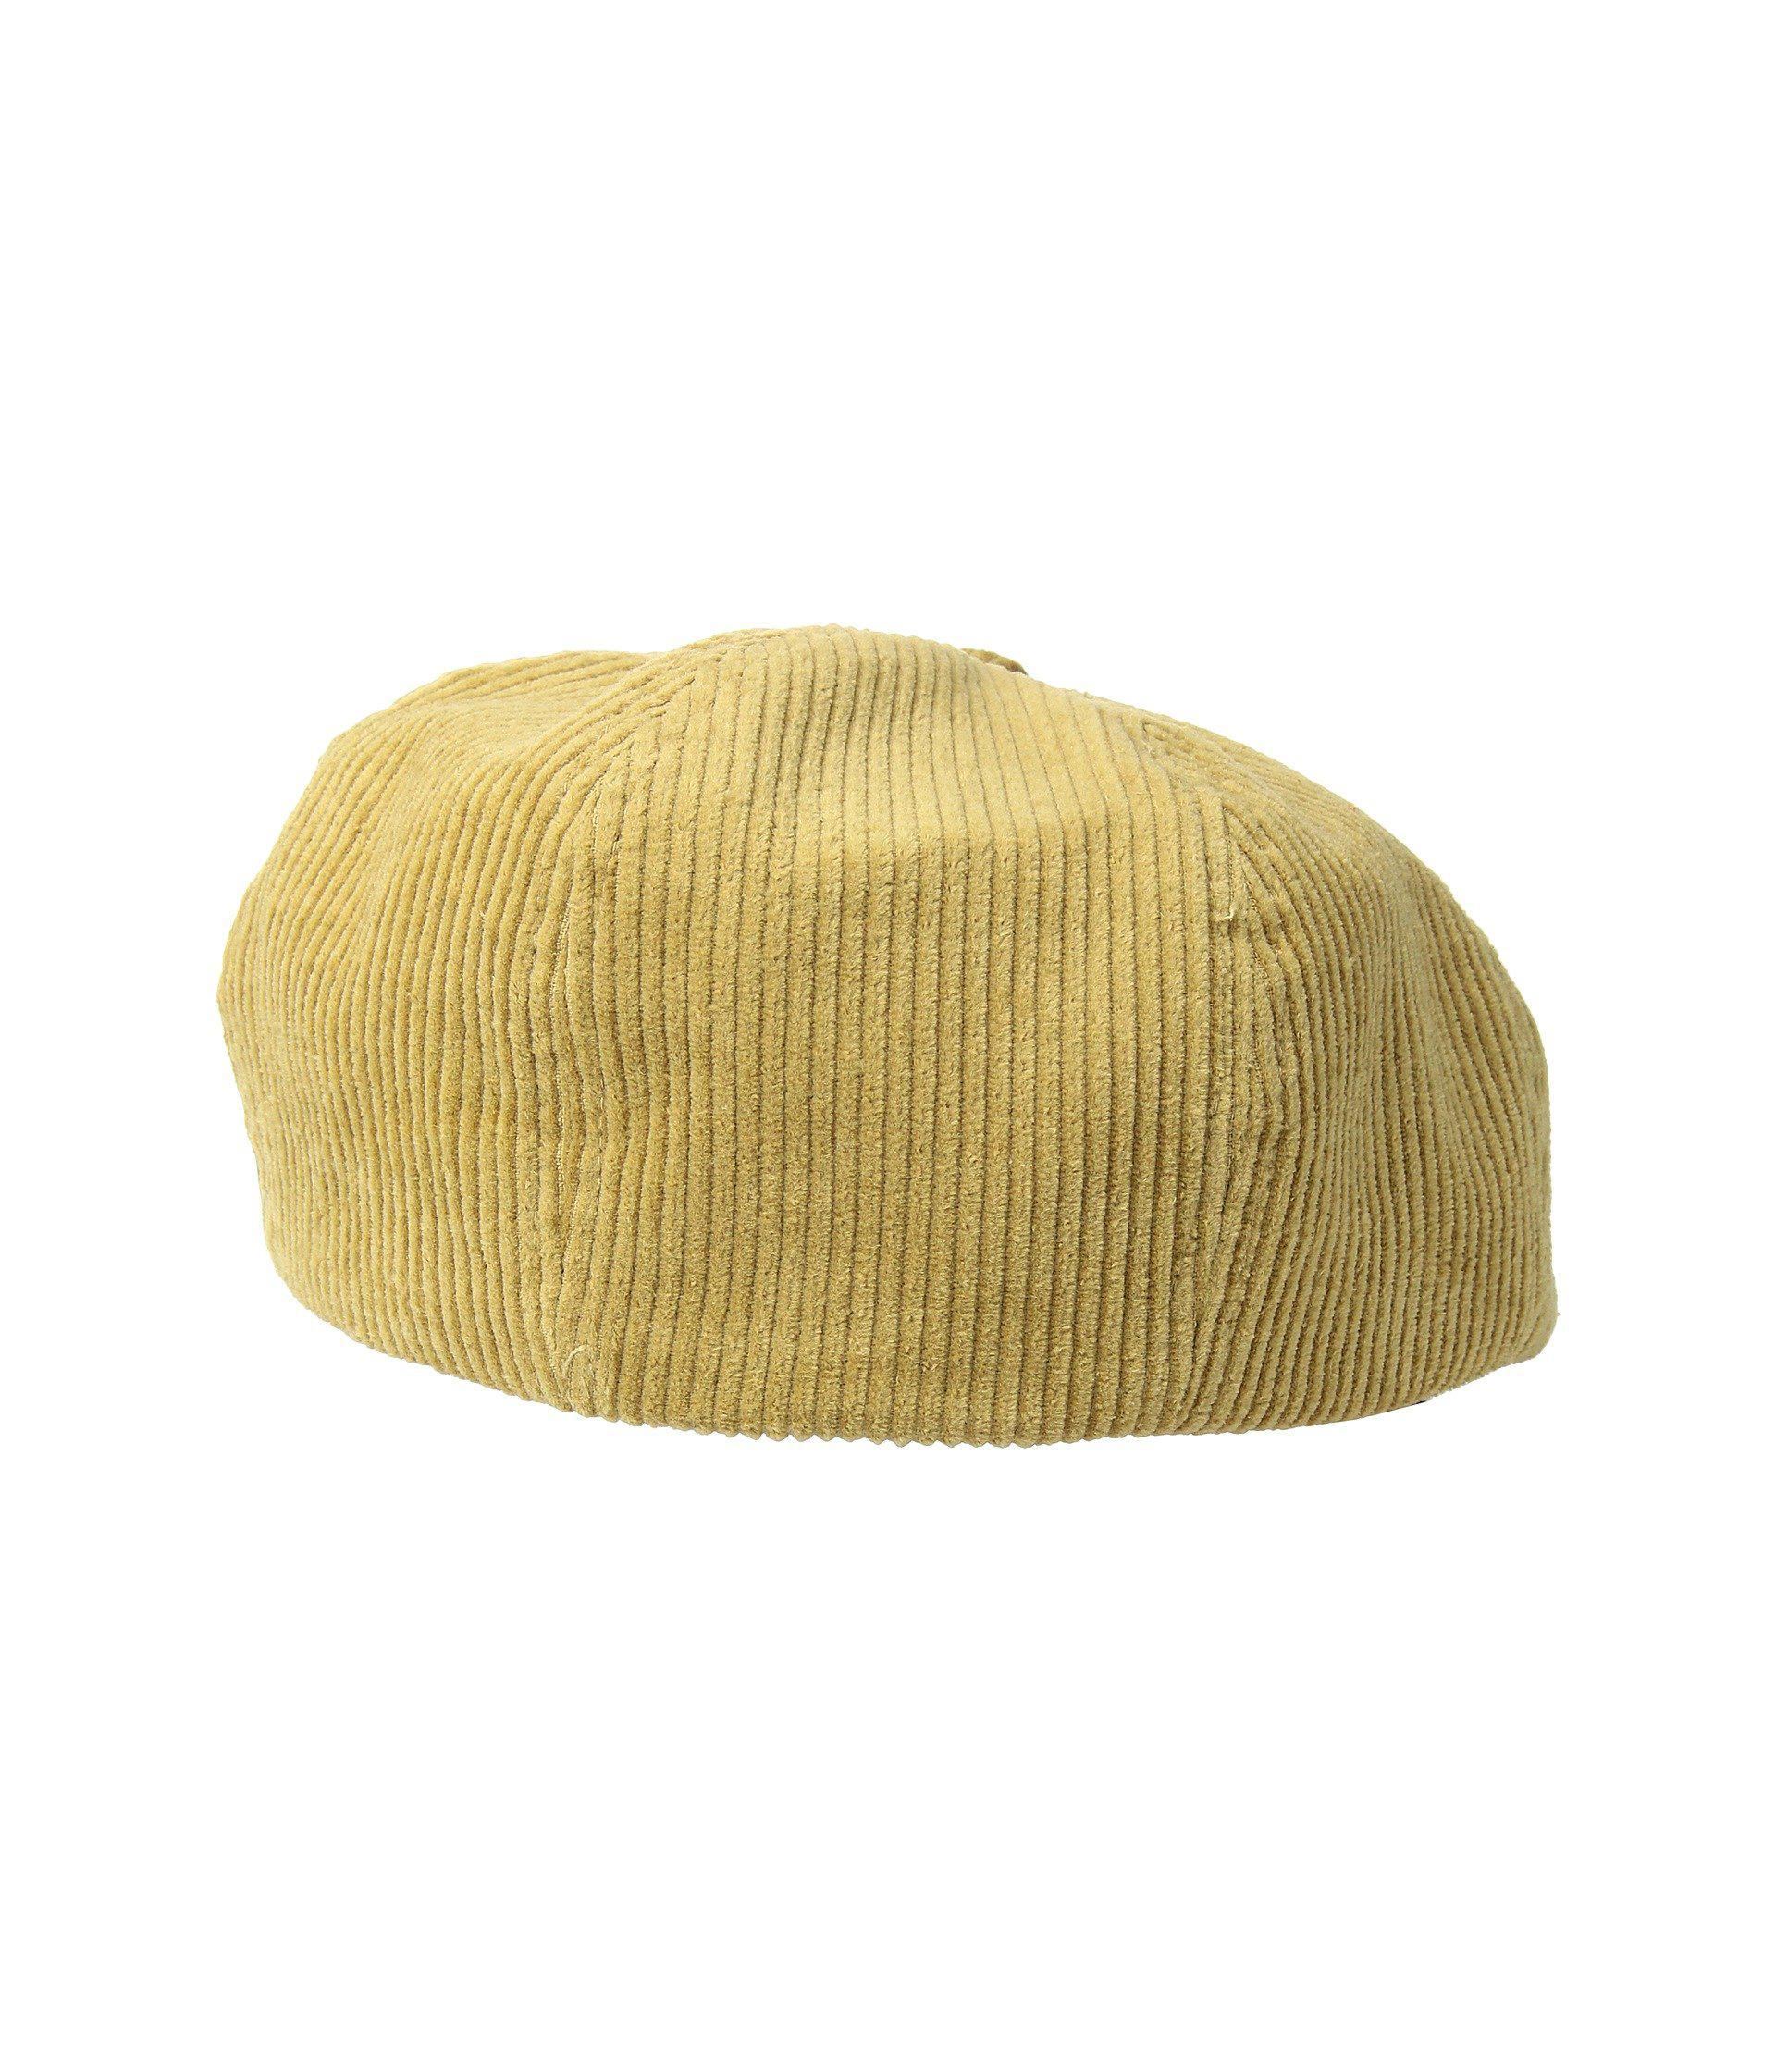 14a4e5844c7 Lyst - Brixton Brood Snap Cap